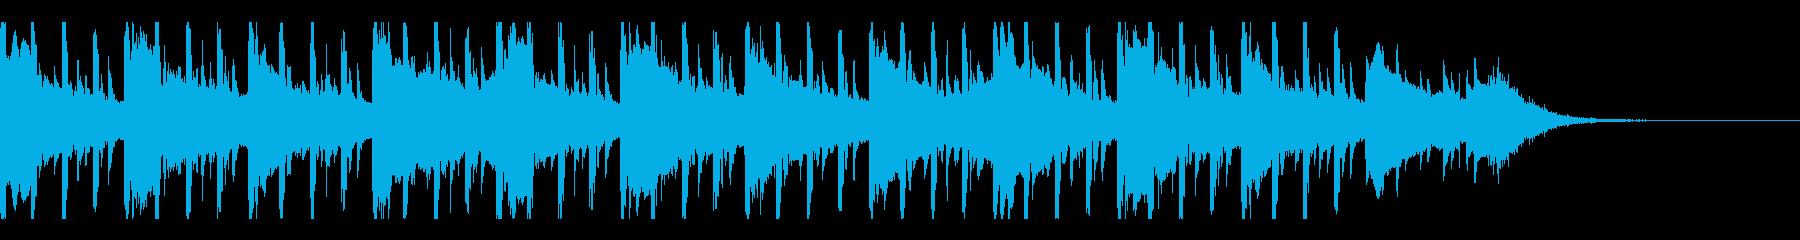 ミニマリズム(30秒)の再生済みの波形